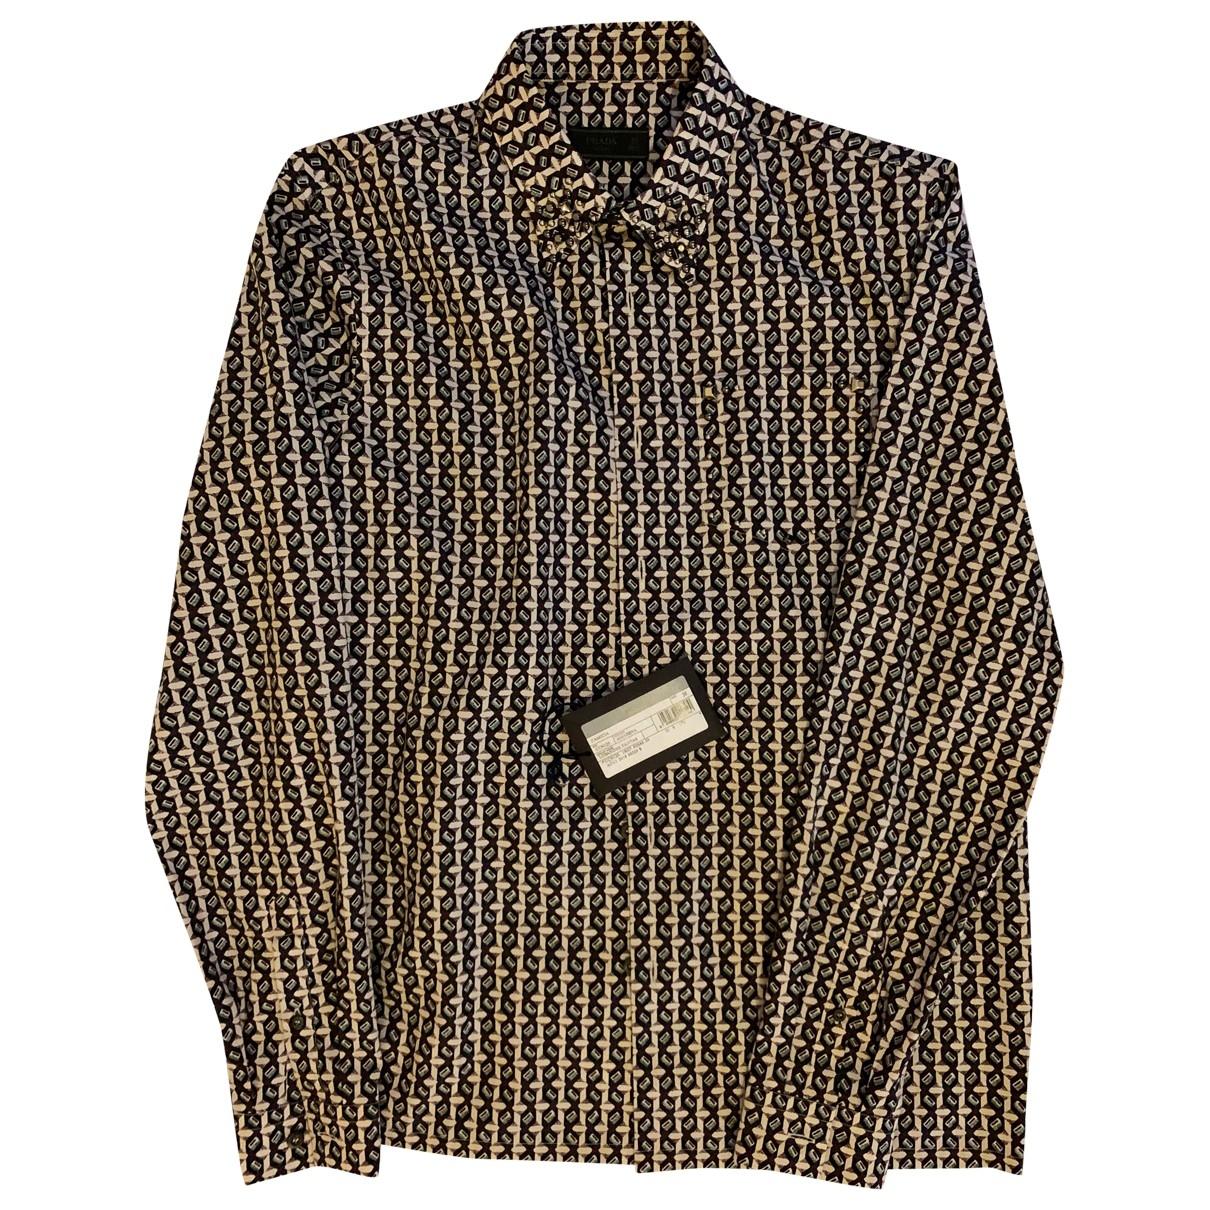 Prada \N Multicolour Cotton Shirts for Men 39 EU (tour de cou / collar)